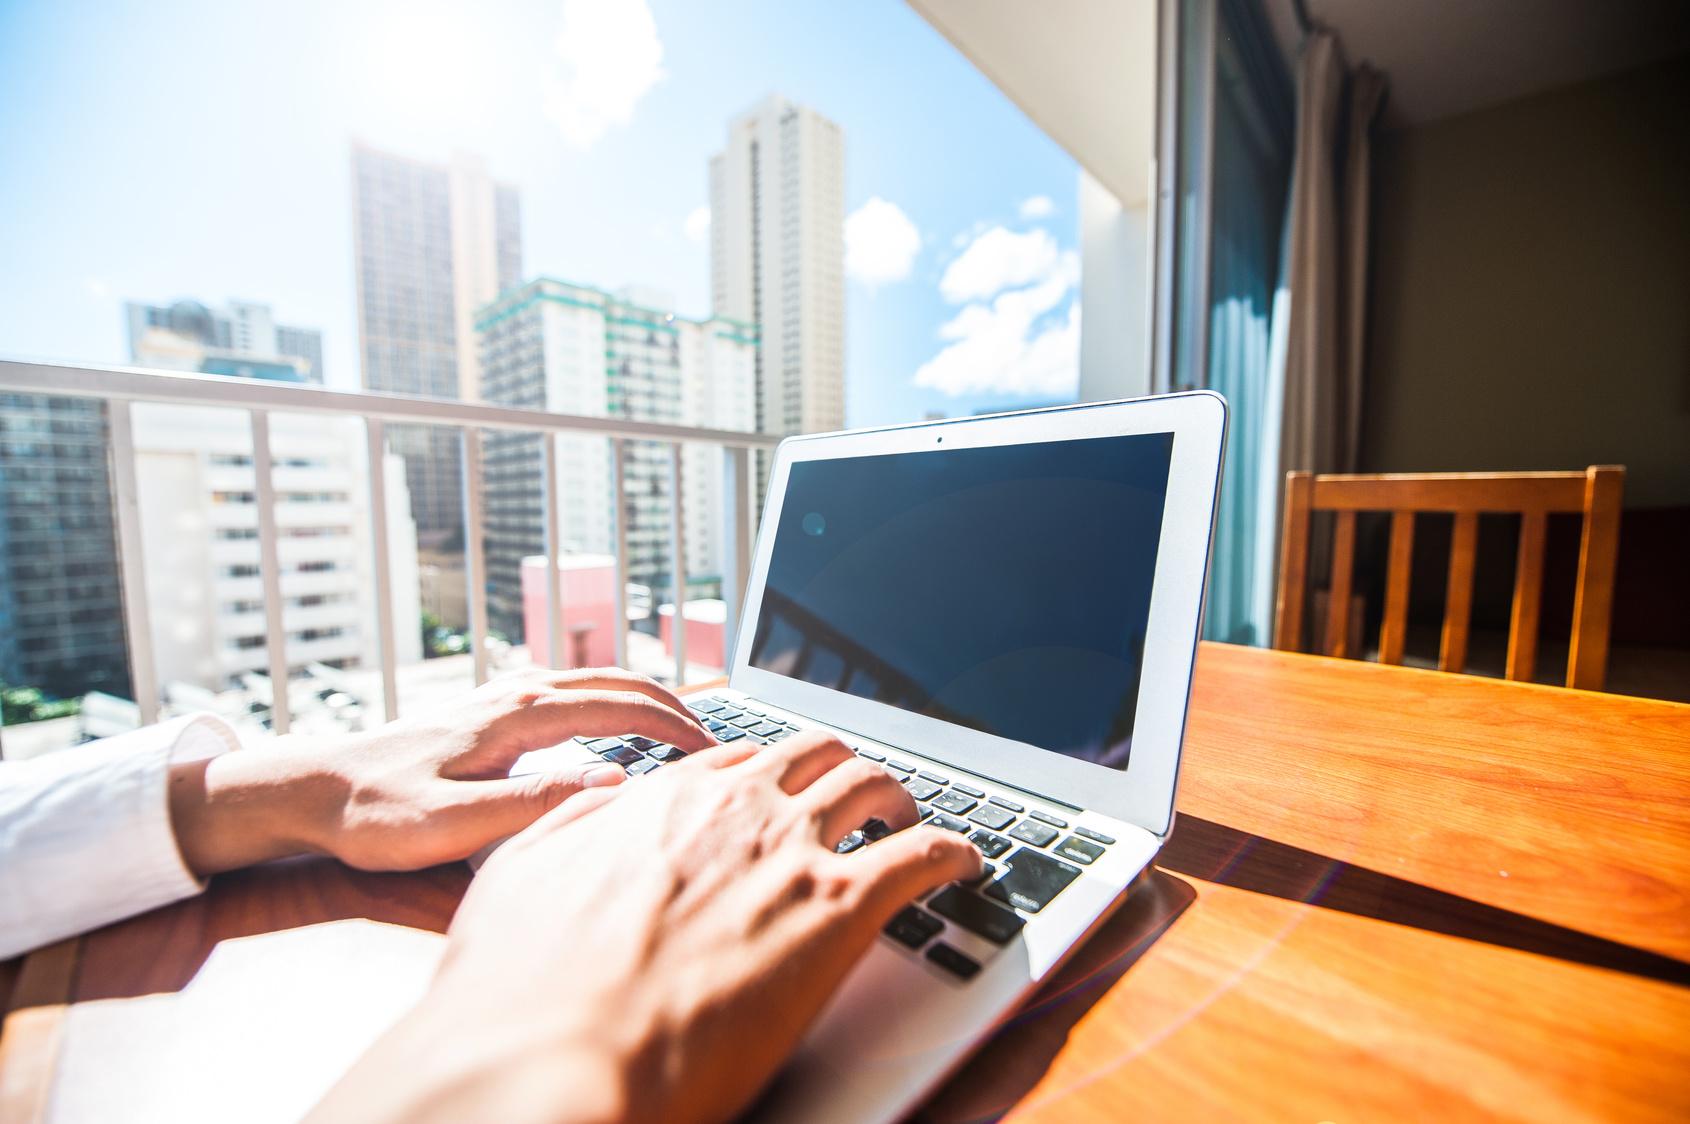 窓際でノートパソコンを使っているビジネスマン